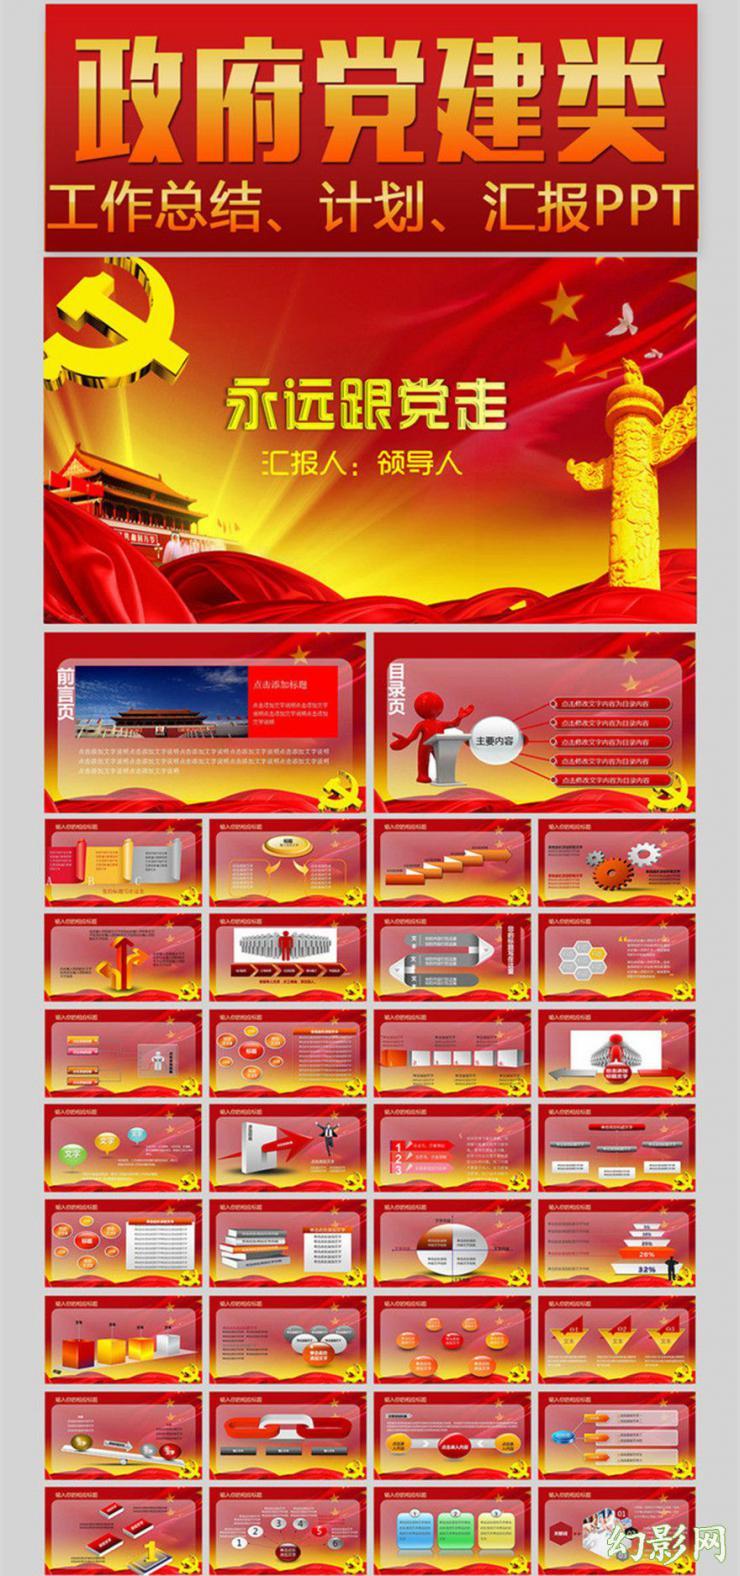 红色政府党建综合PPT模板